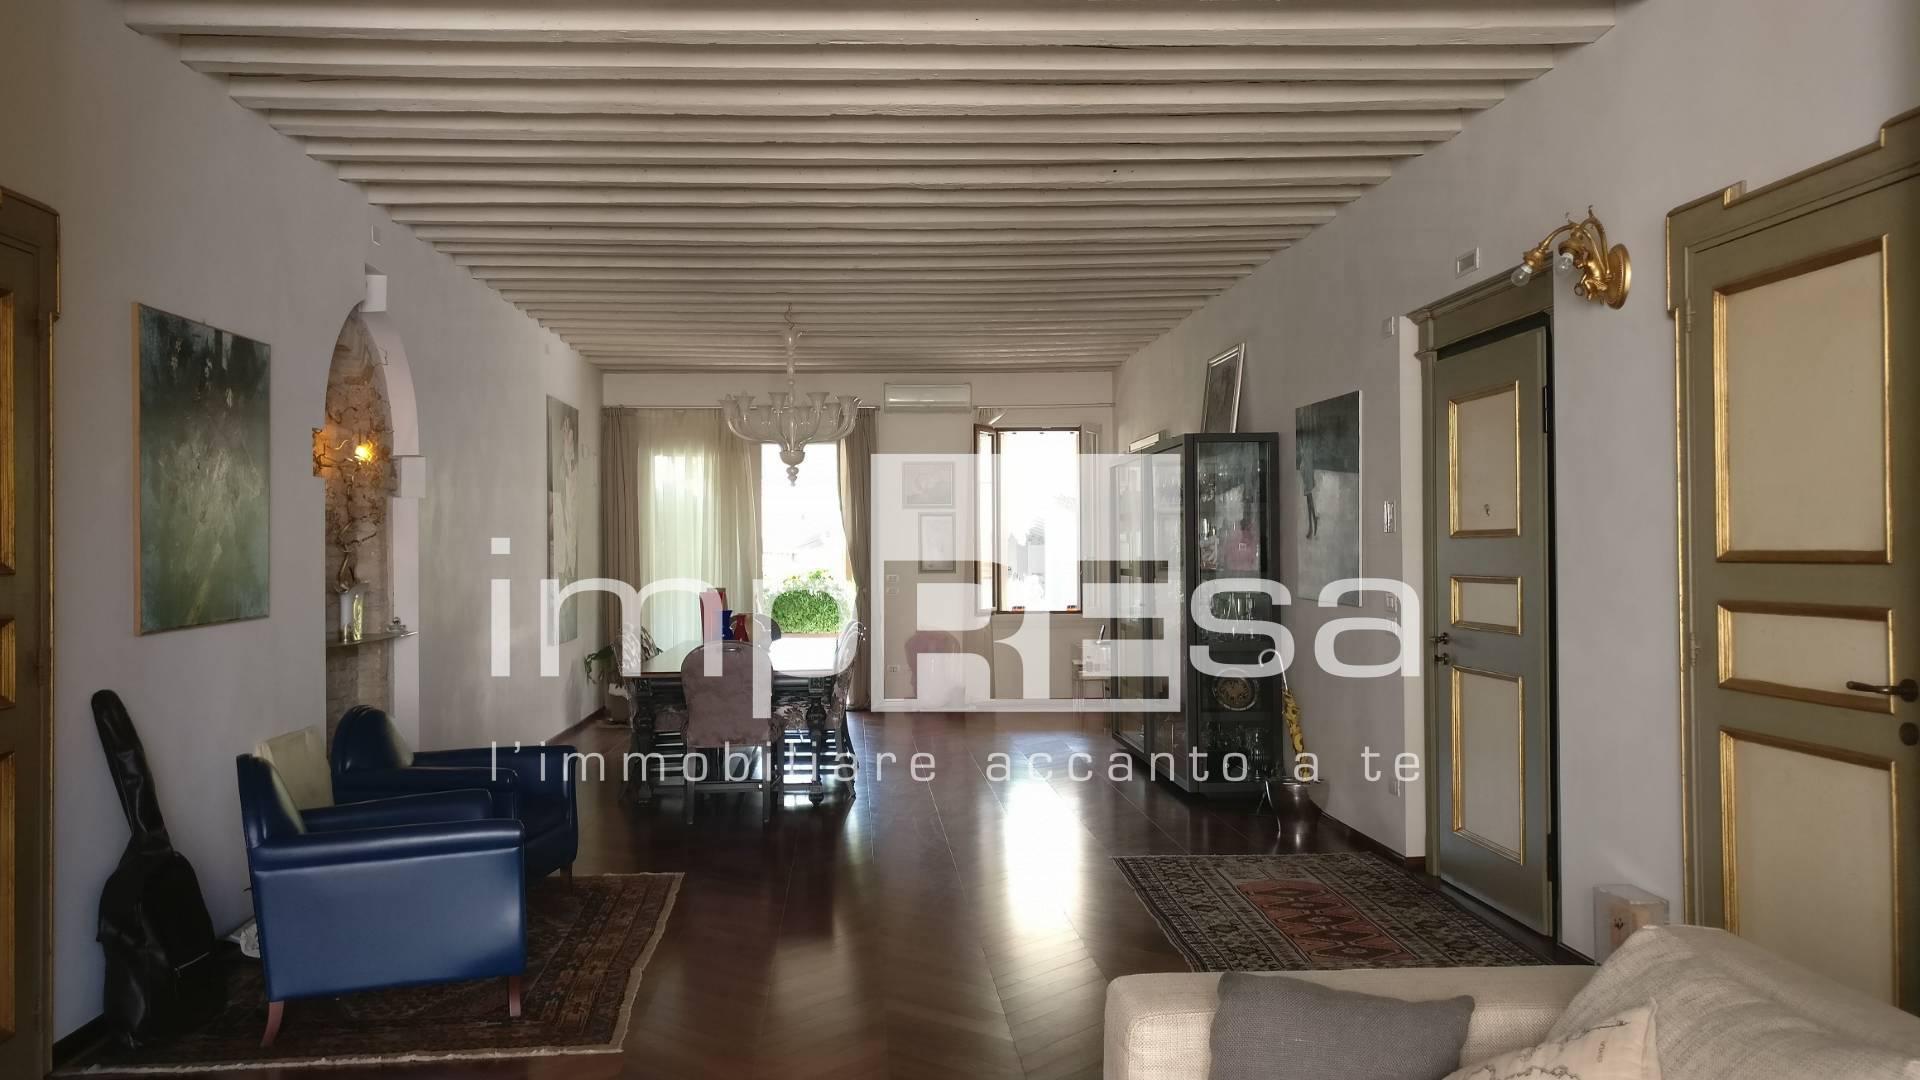 Appartamento in vendita a Motta di Livenza, 8 locali, zona Località: Centro, prezzo € 630.000   PortaleAgenzieImmobiliari.it